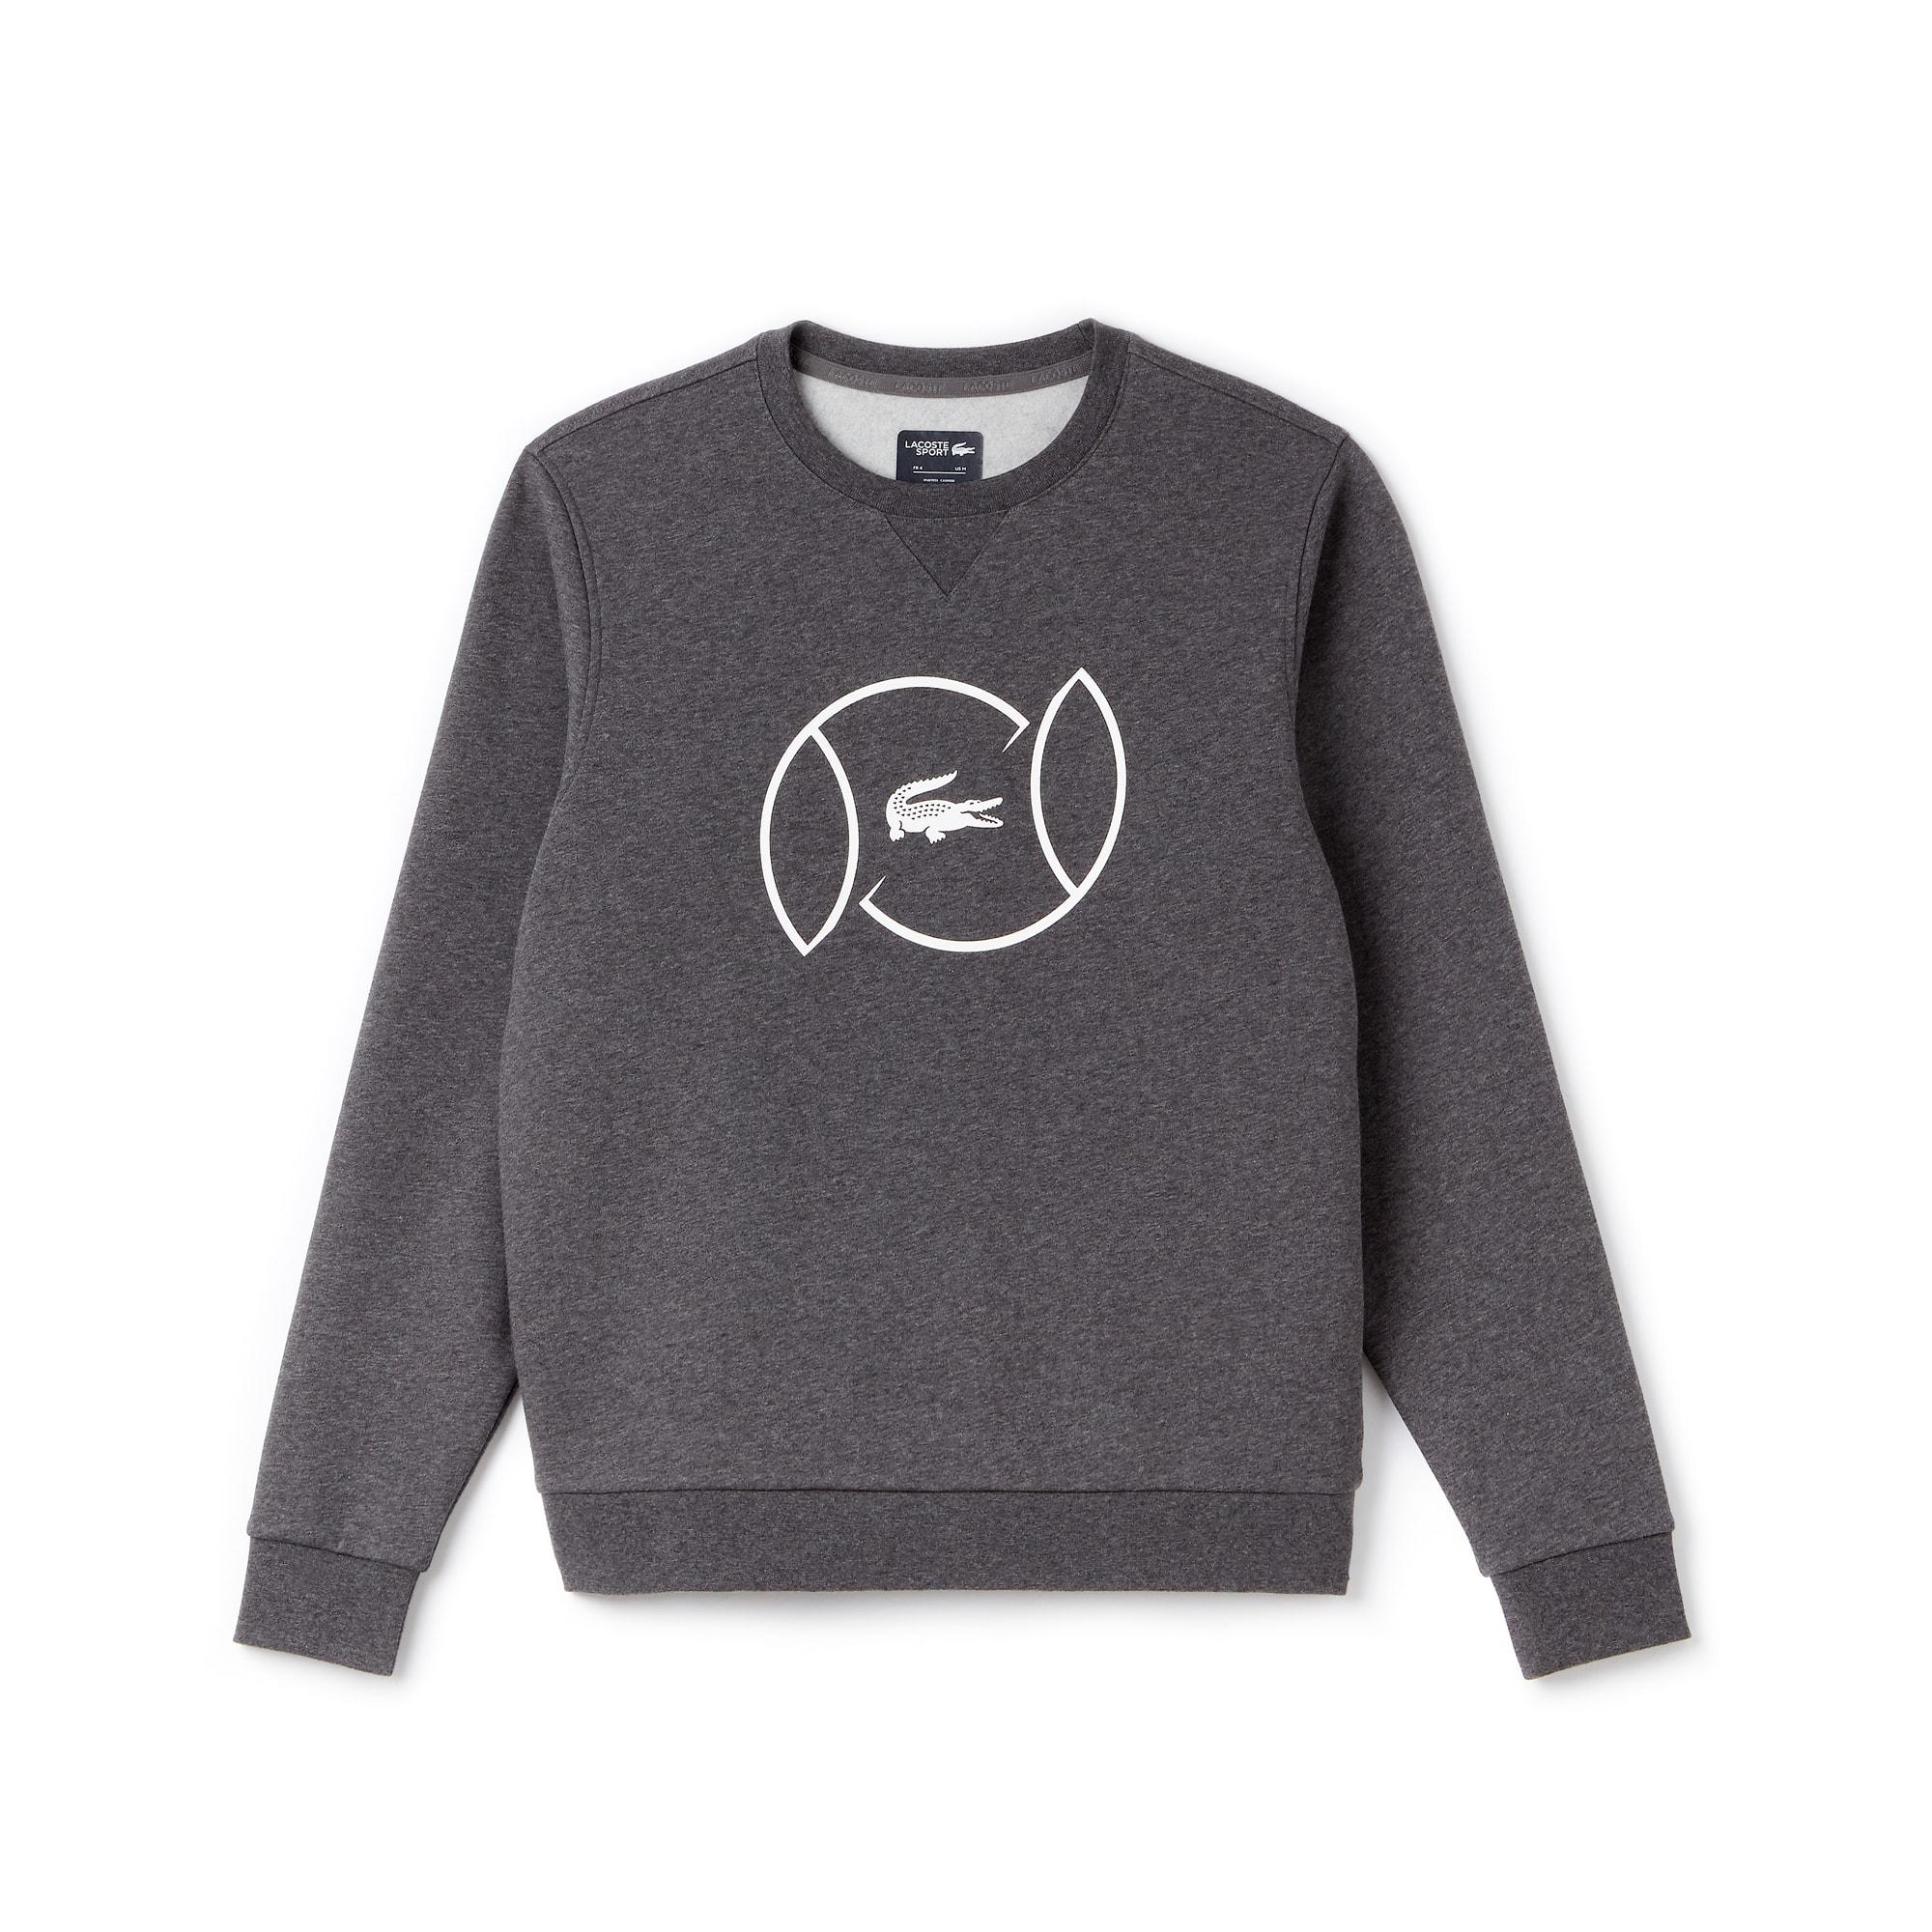 Sweatshirt decote redondo Tennis Lacoste SPORT em moletão com marcação